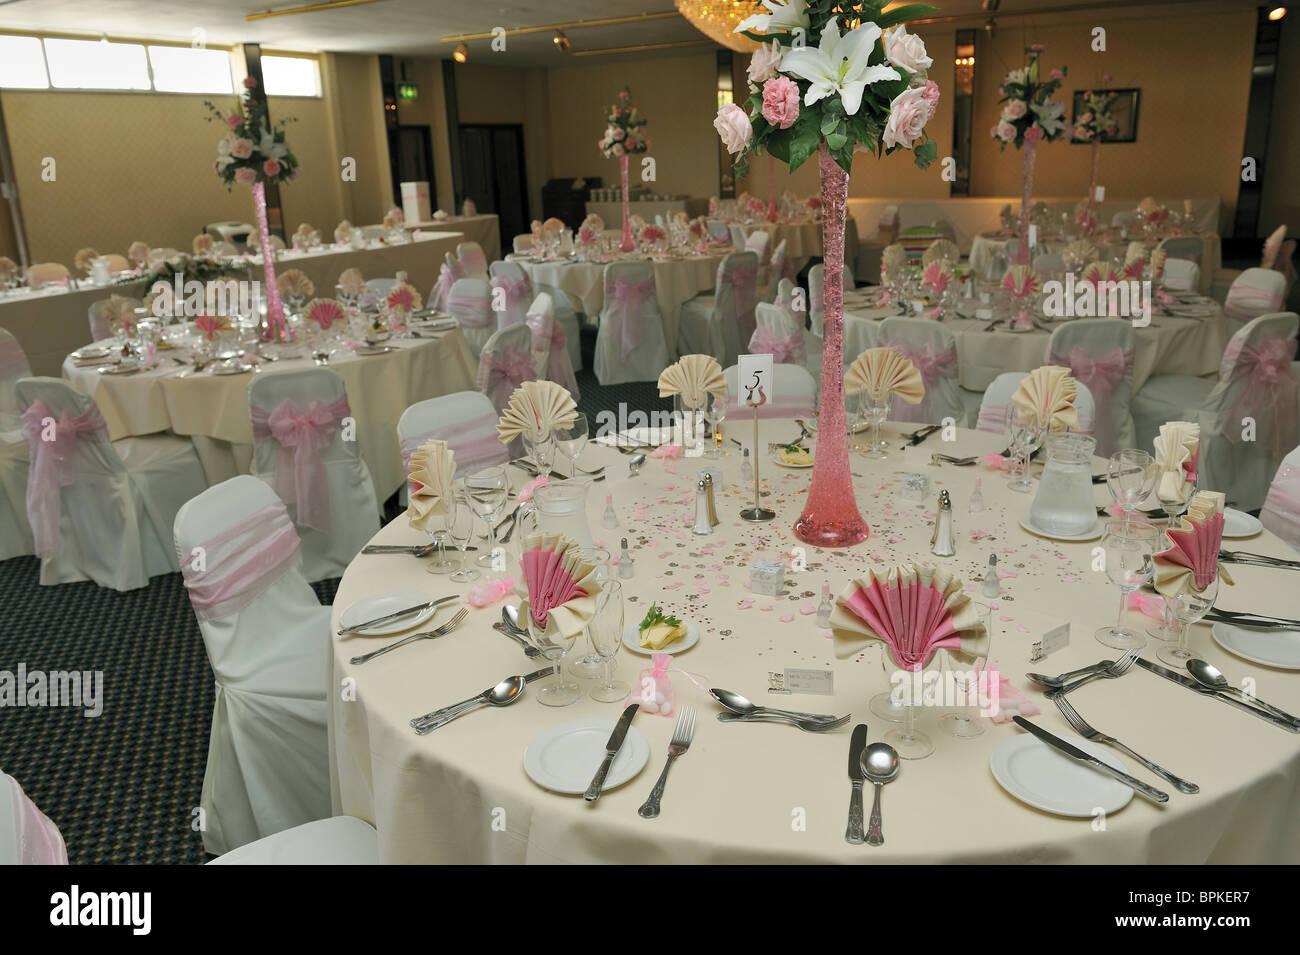 Ricevimento di nozze layout tabella Immagini Stock